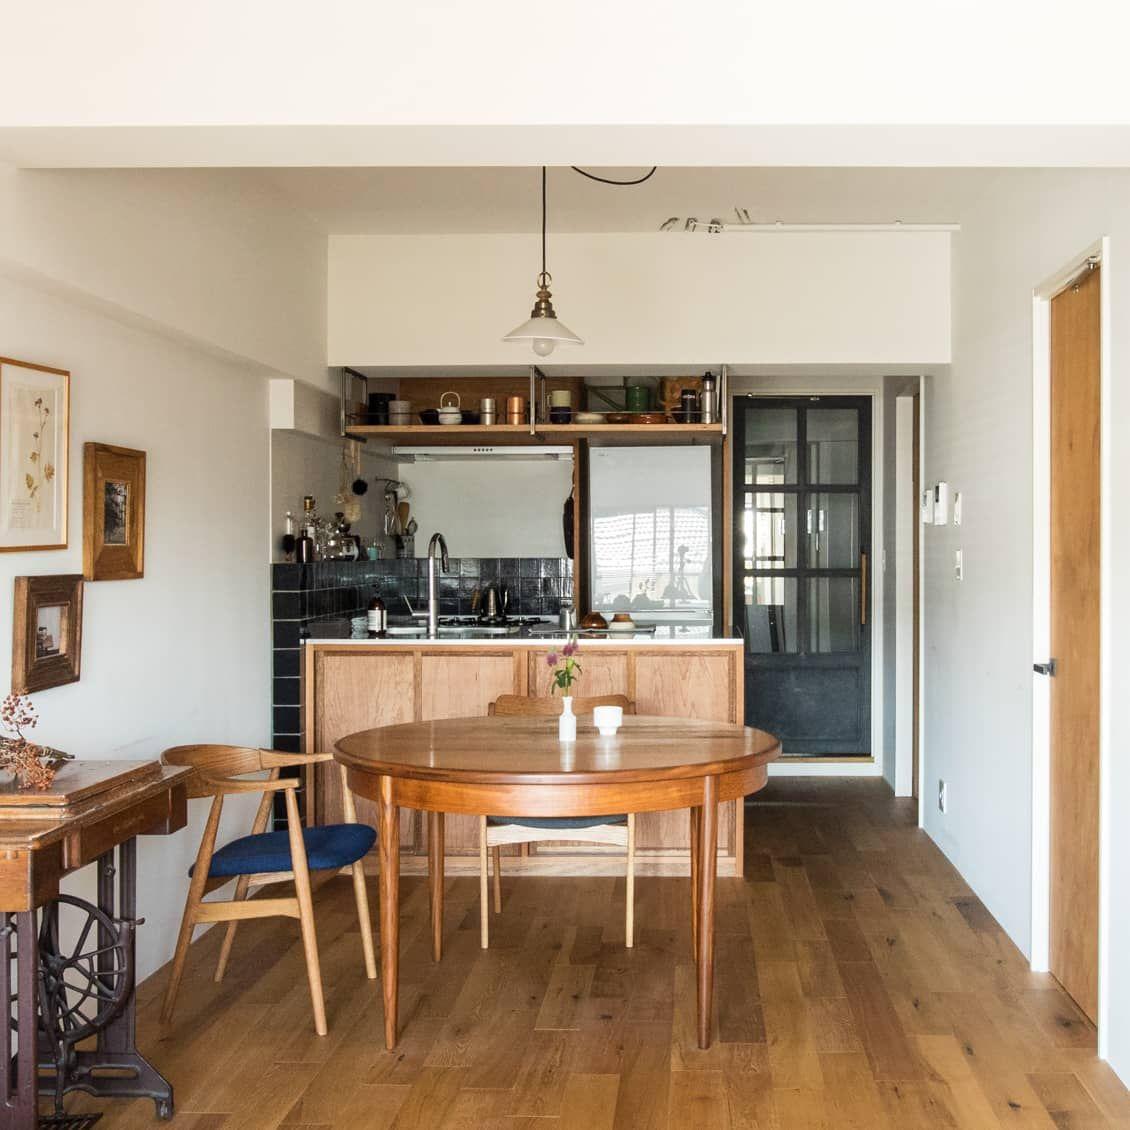 壁も天井もフル活用 4帖 でも使いやすく すっきり収納のキッチンづくり 狭いキッチン レイアウト キッチンレイアウト 造作キッチン